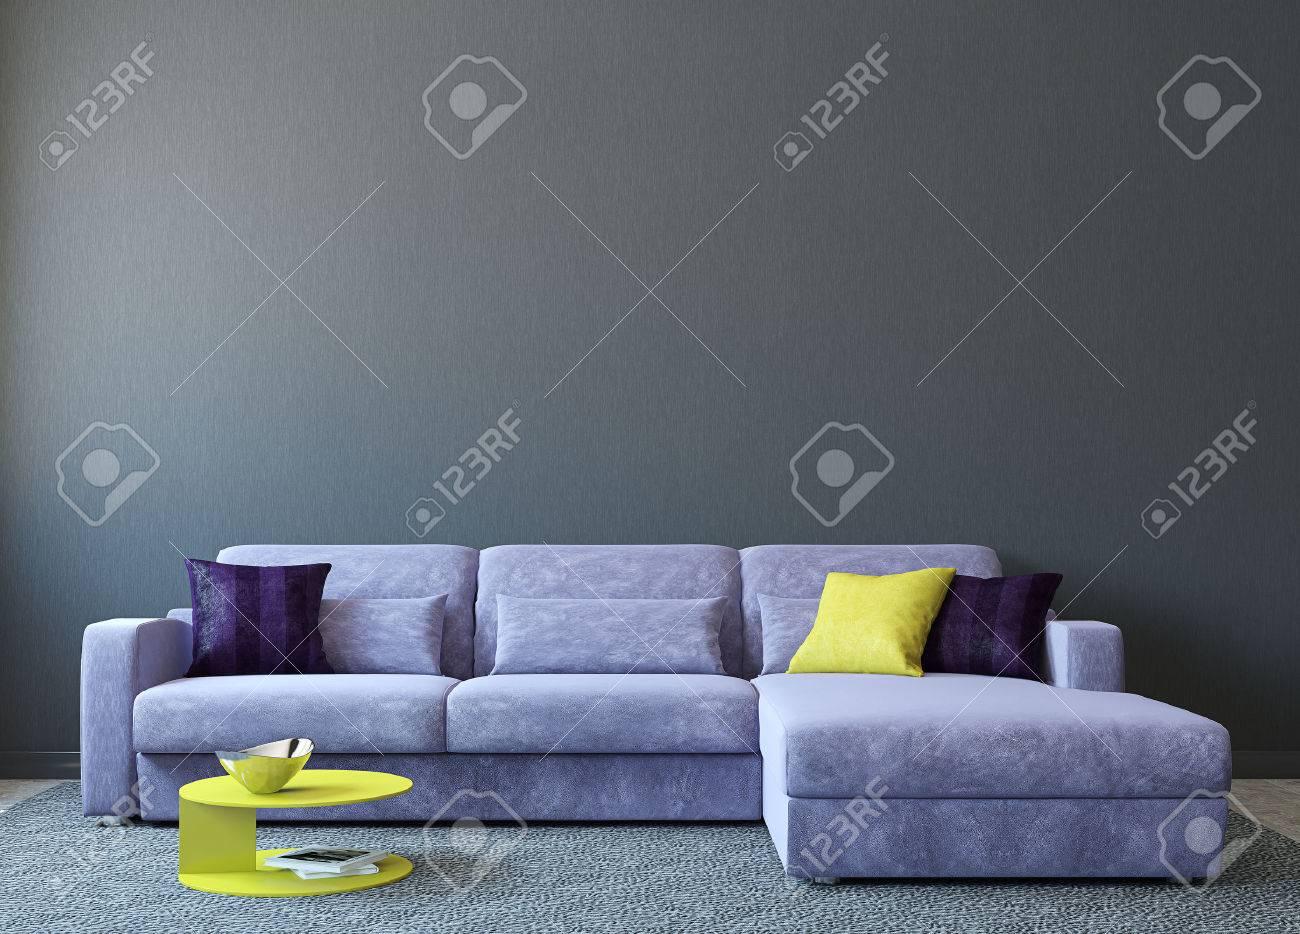 Moderne Wohnzimmer Interieur Mit Sofa In Der Nähe Von Leere Graue ...